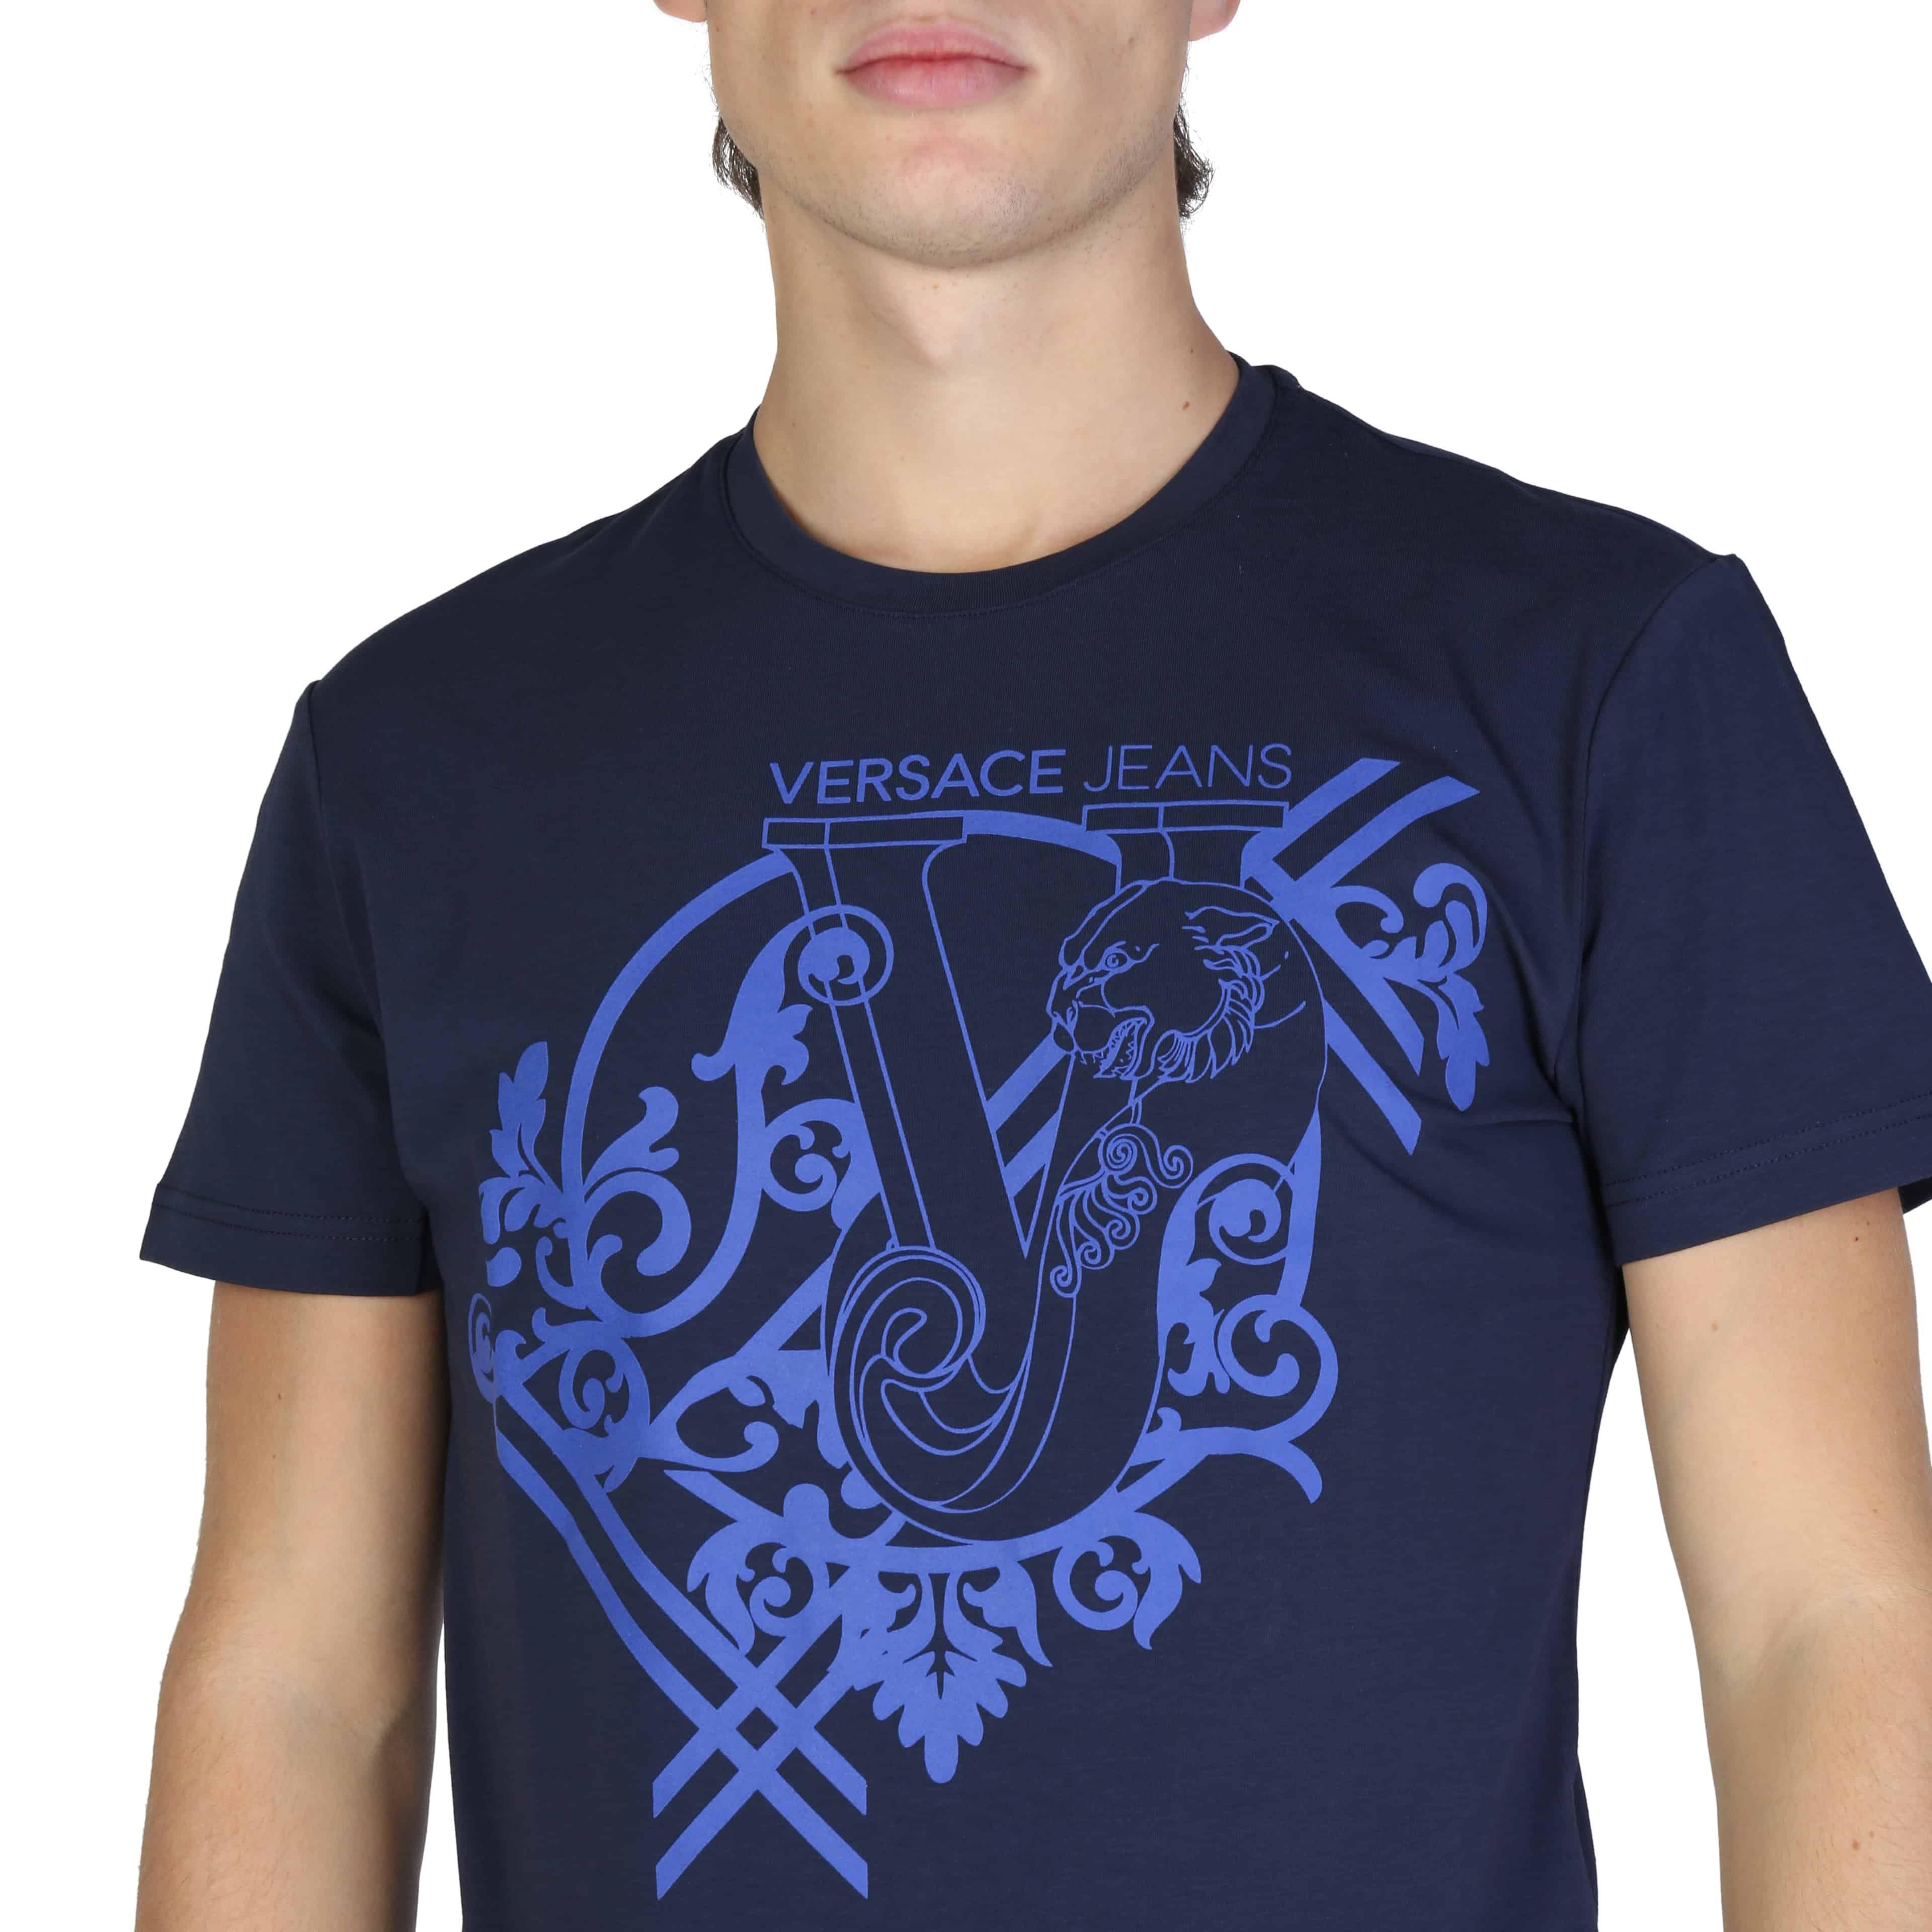 T-shirts Versace Jeans – B3GSB74G_36643